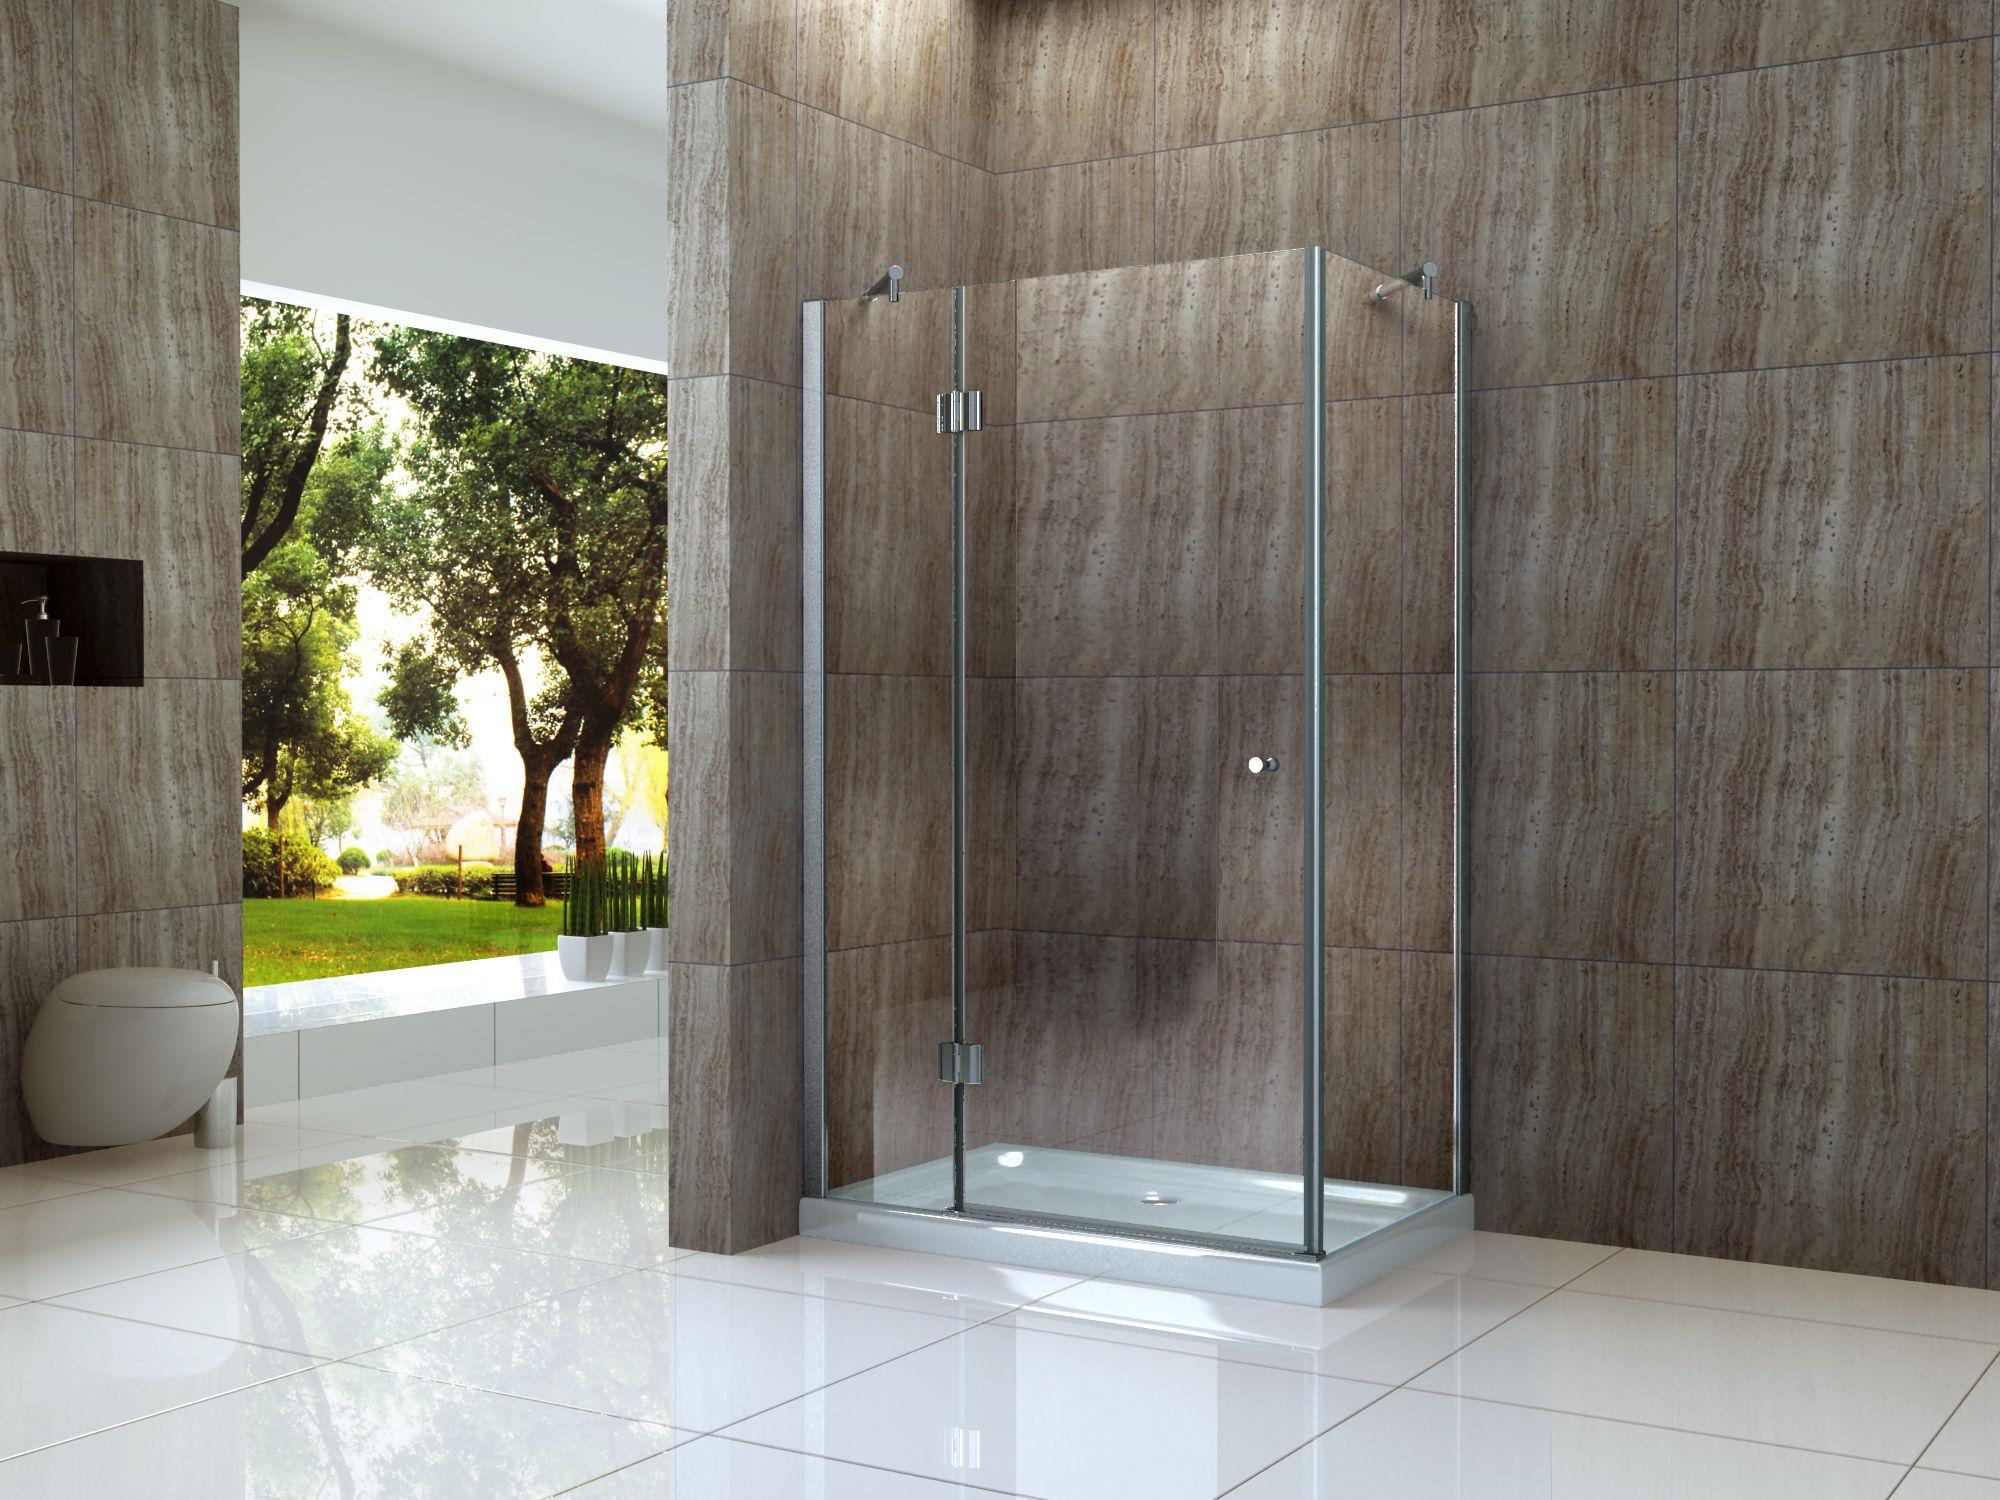 Moderne dusche ohne glas  ARTO Duschkabine 8 mm Glas Dusche Duschwand Duschabtrennung ...